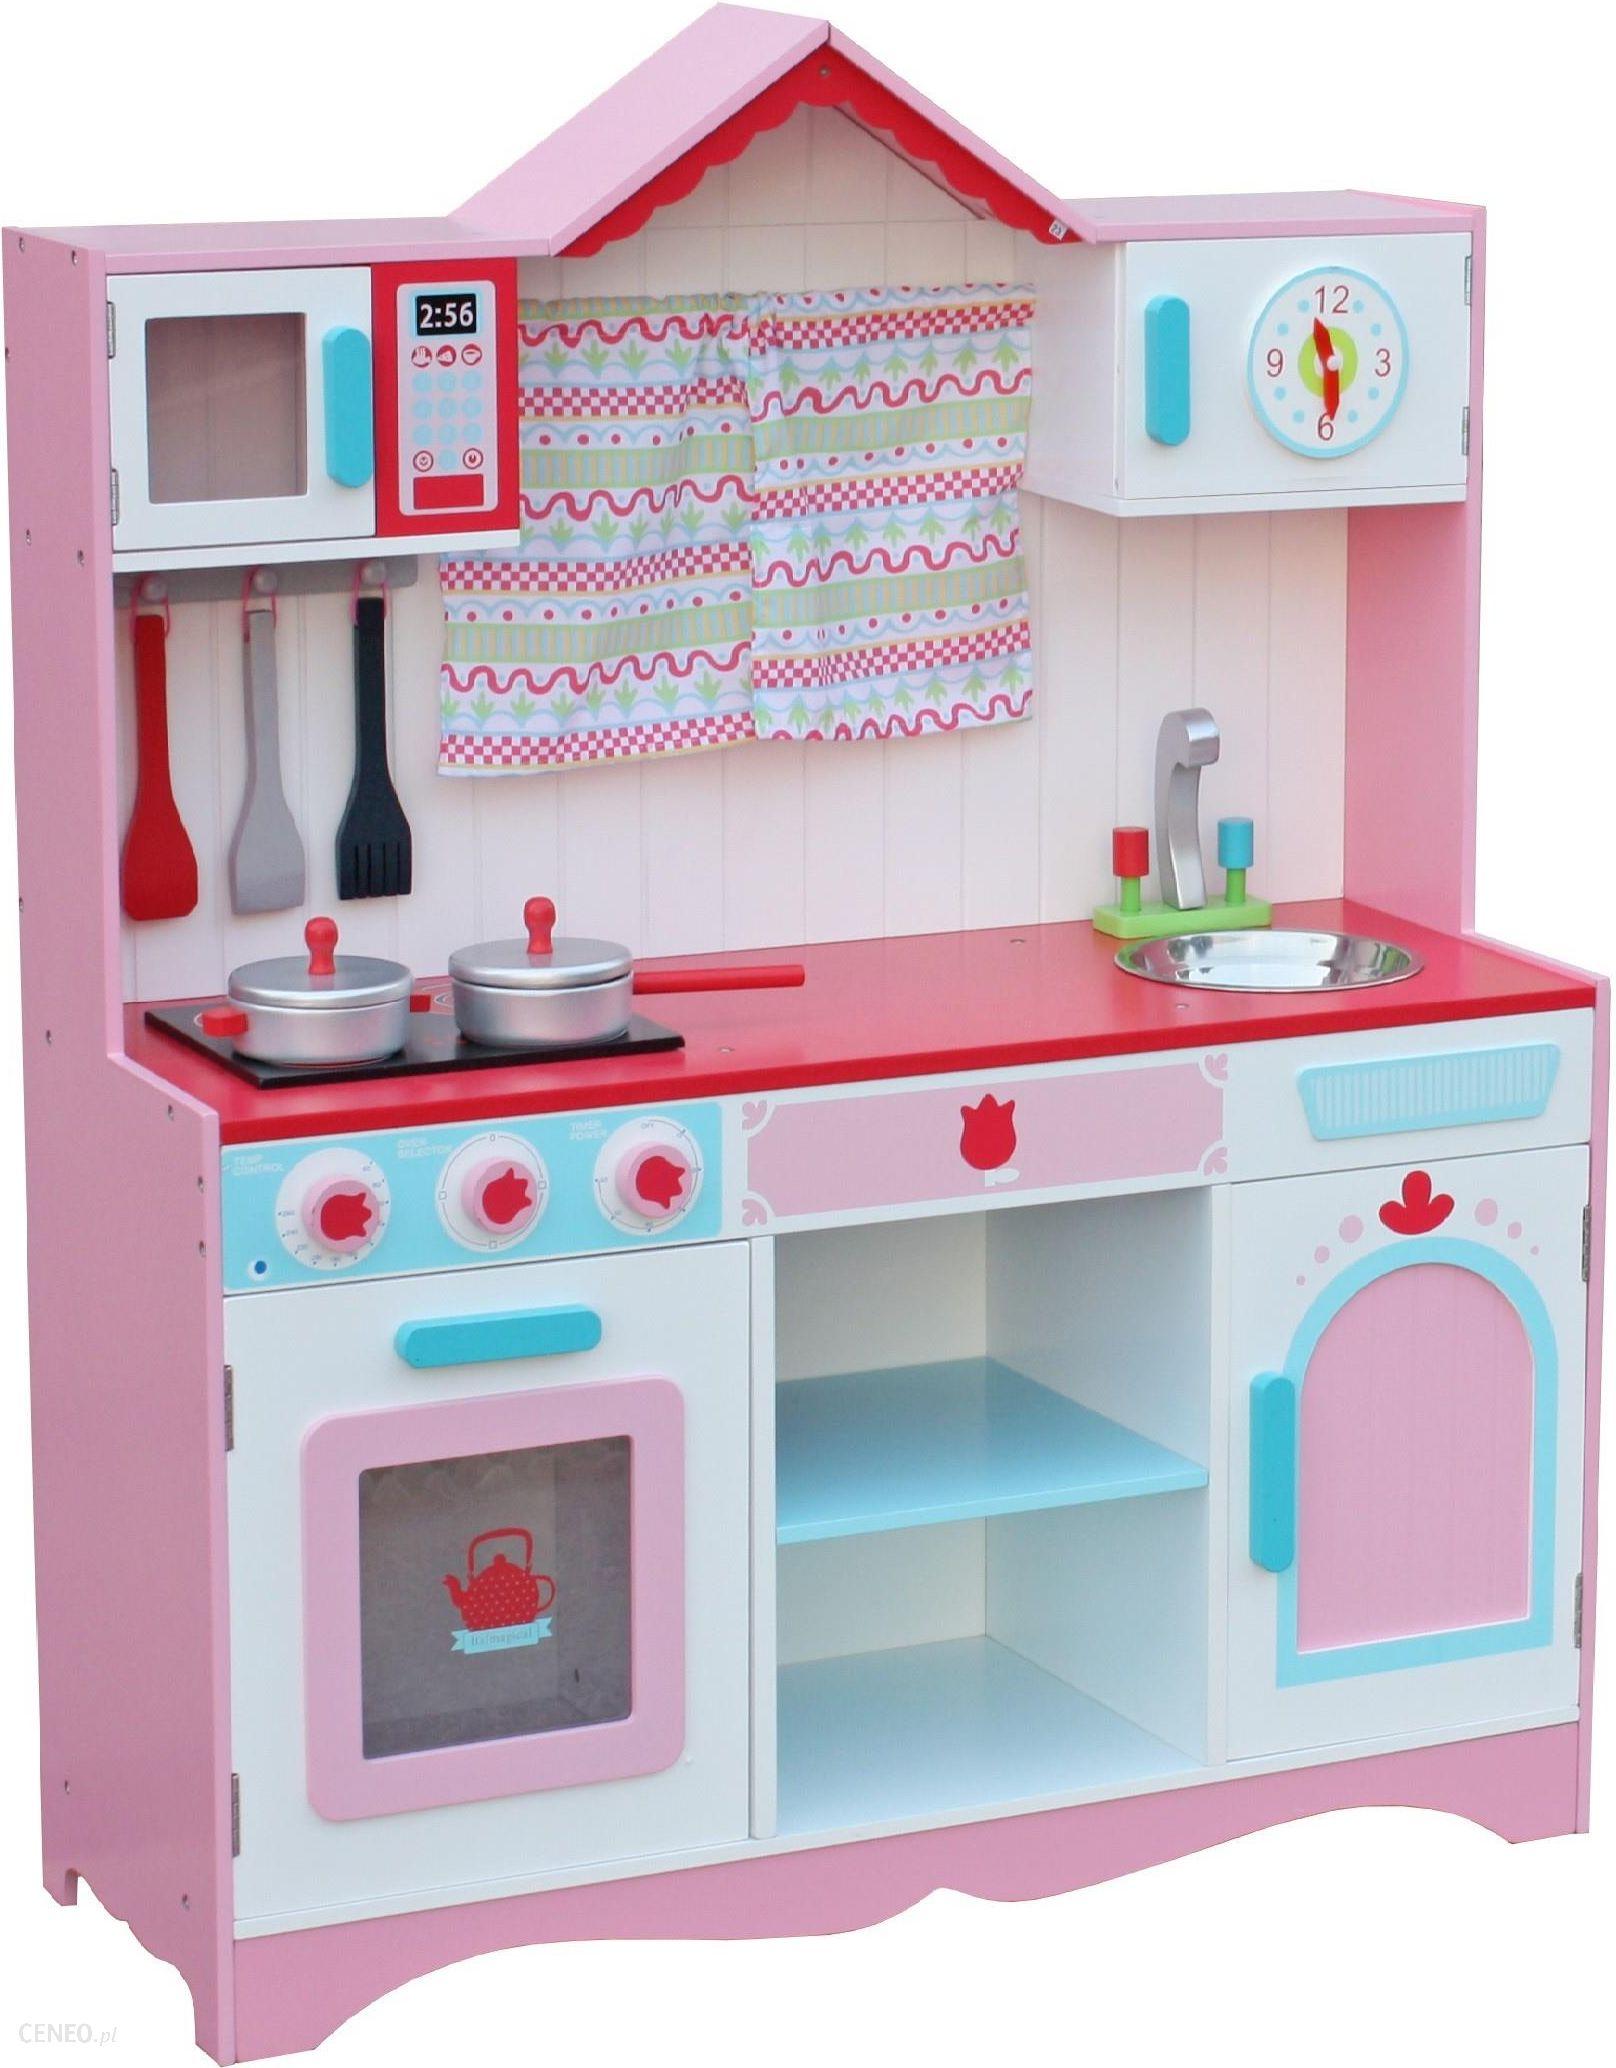 Wooden Toys Drewniana Duza Kuchnia Dla Dzieci Contry2 C172 Ceny I